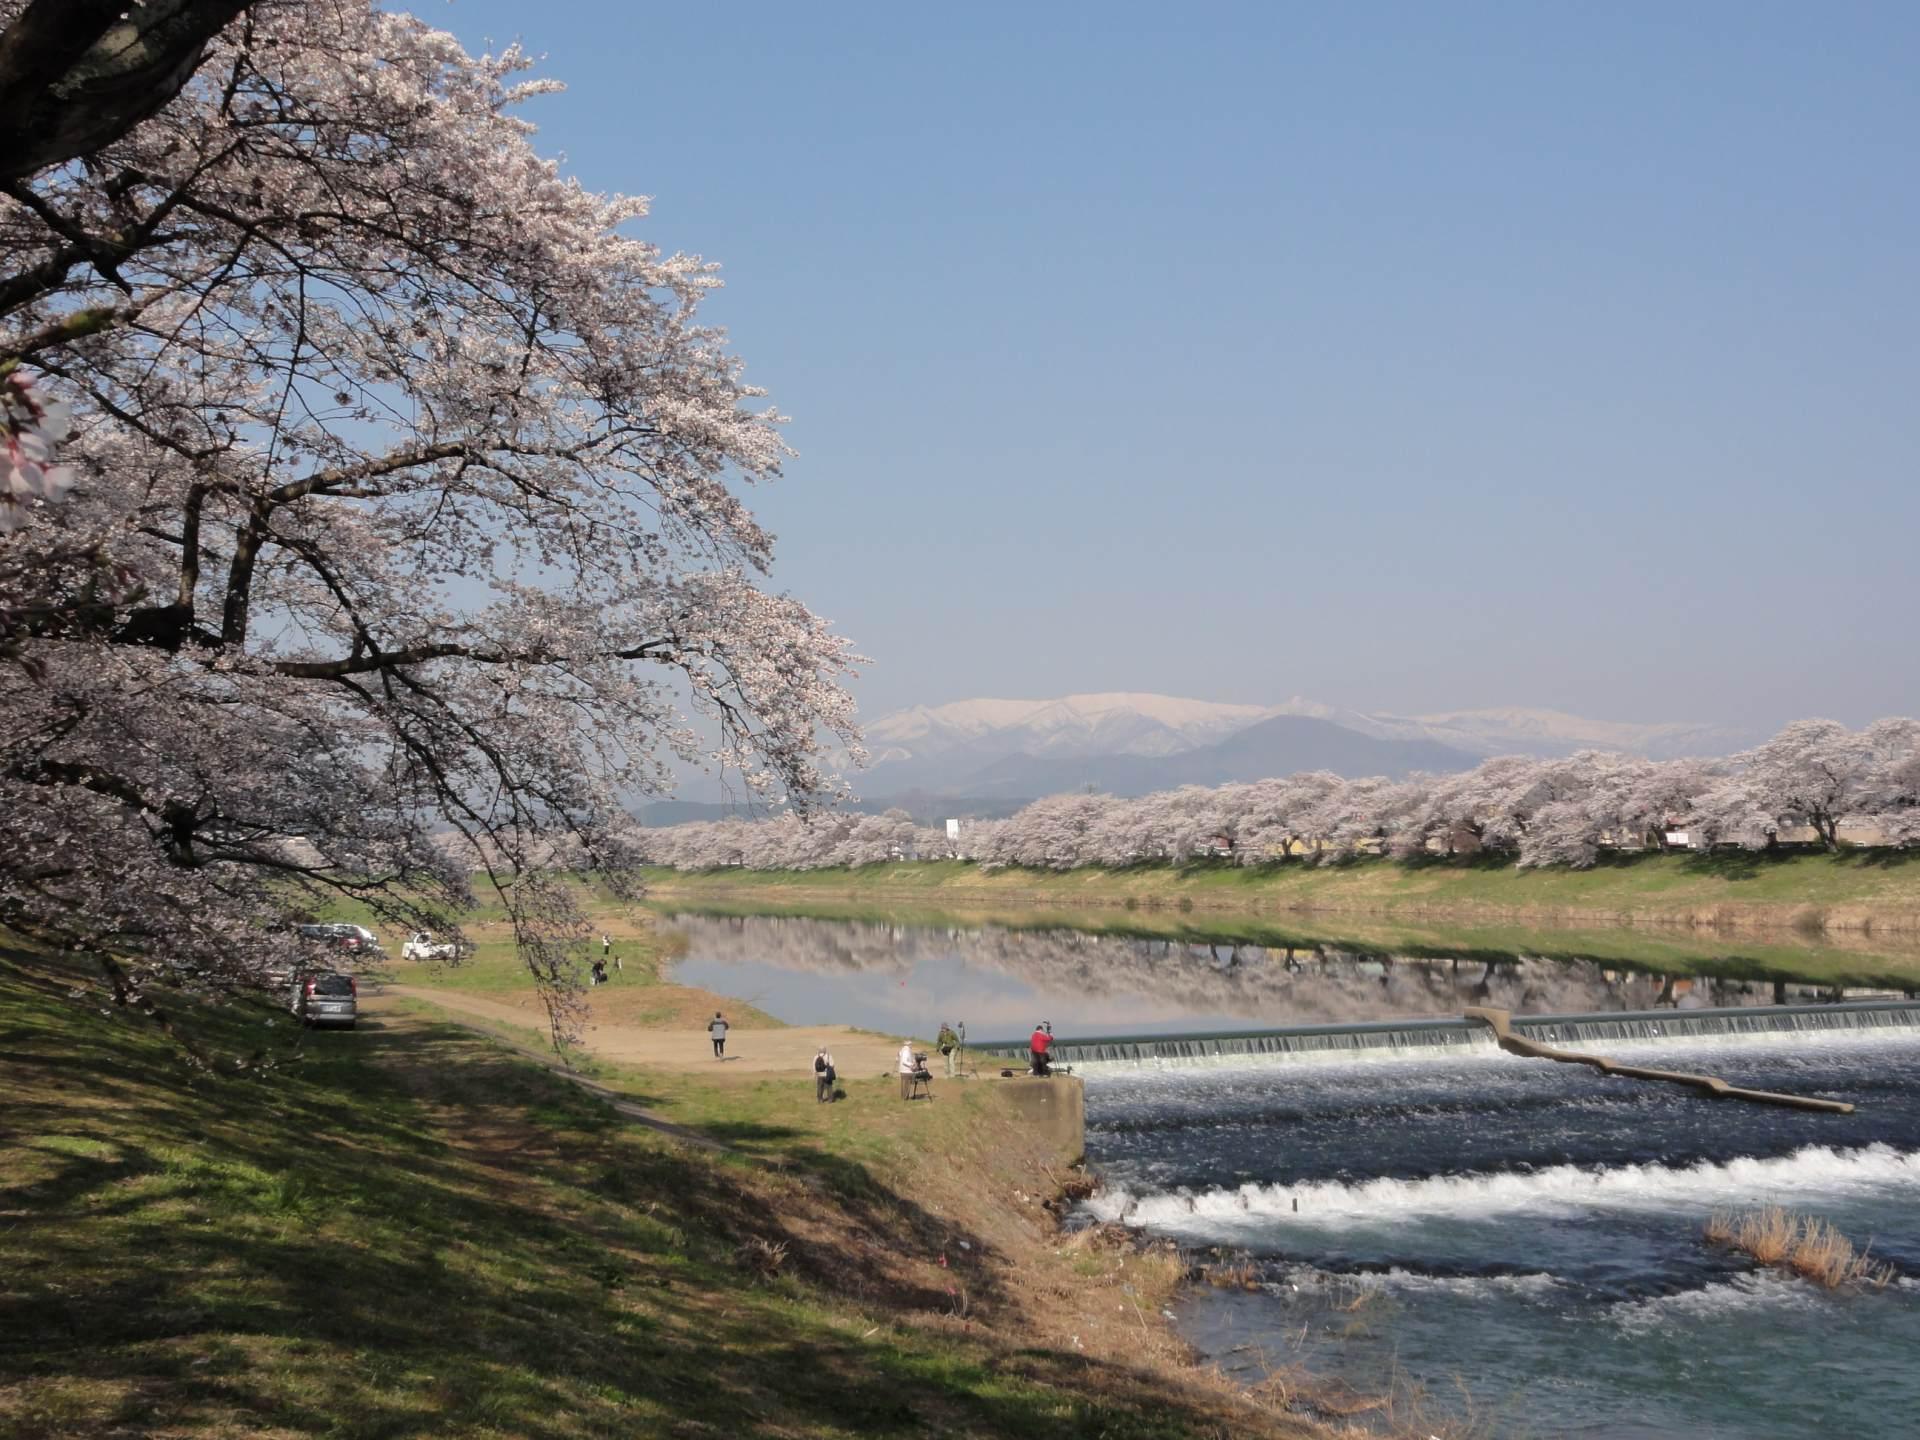 【東北地區櫻花景點總整理】東北六縣的必看賞櫻景點都在這裡了! 照片 - 2/8 -   好運日本行